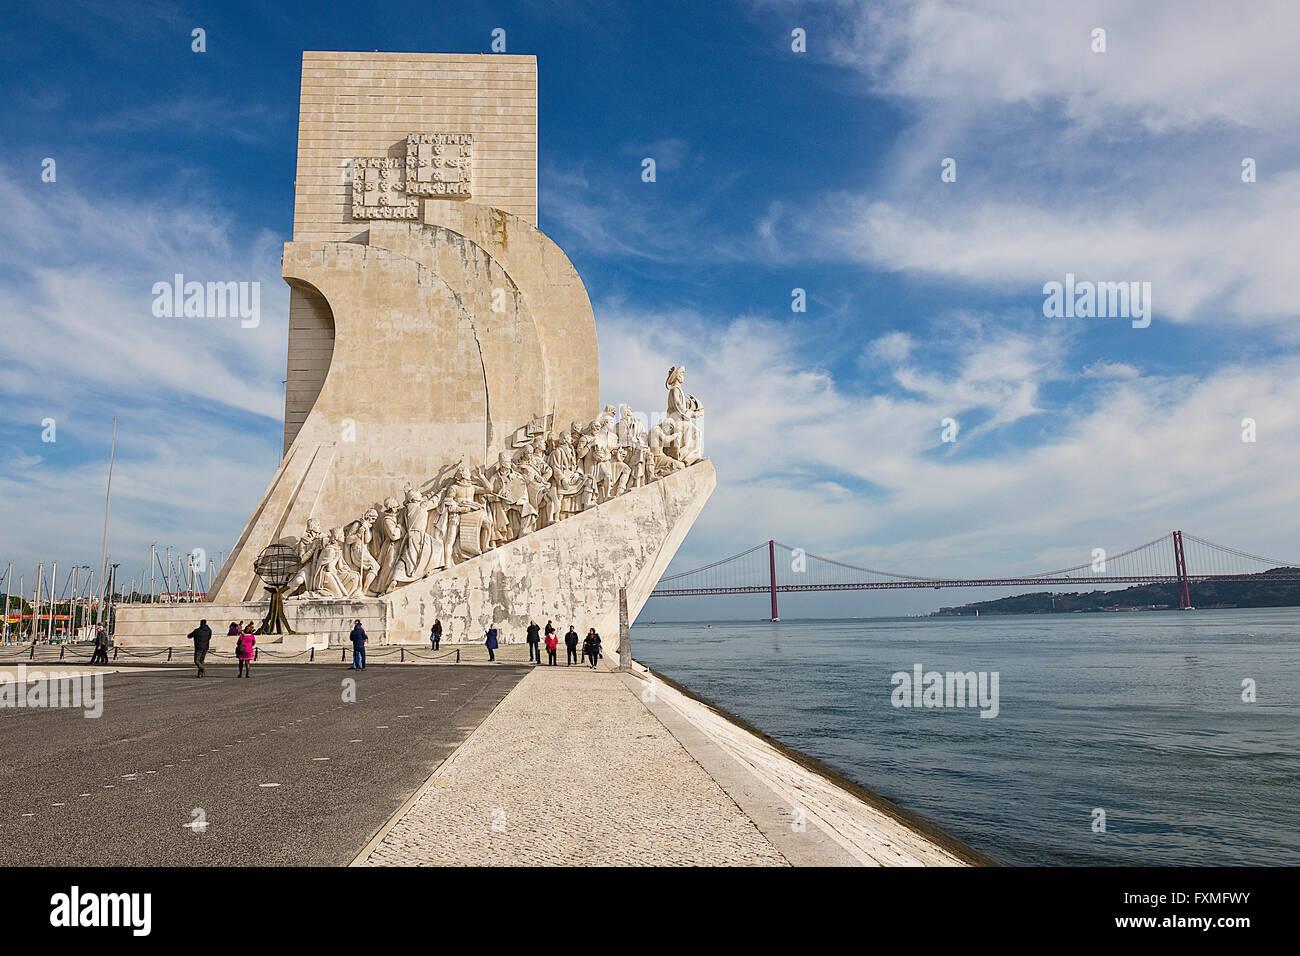 Padrão dos Descobrimentos, Lisbon, Portugal - Stock Image